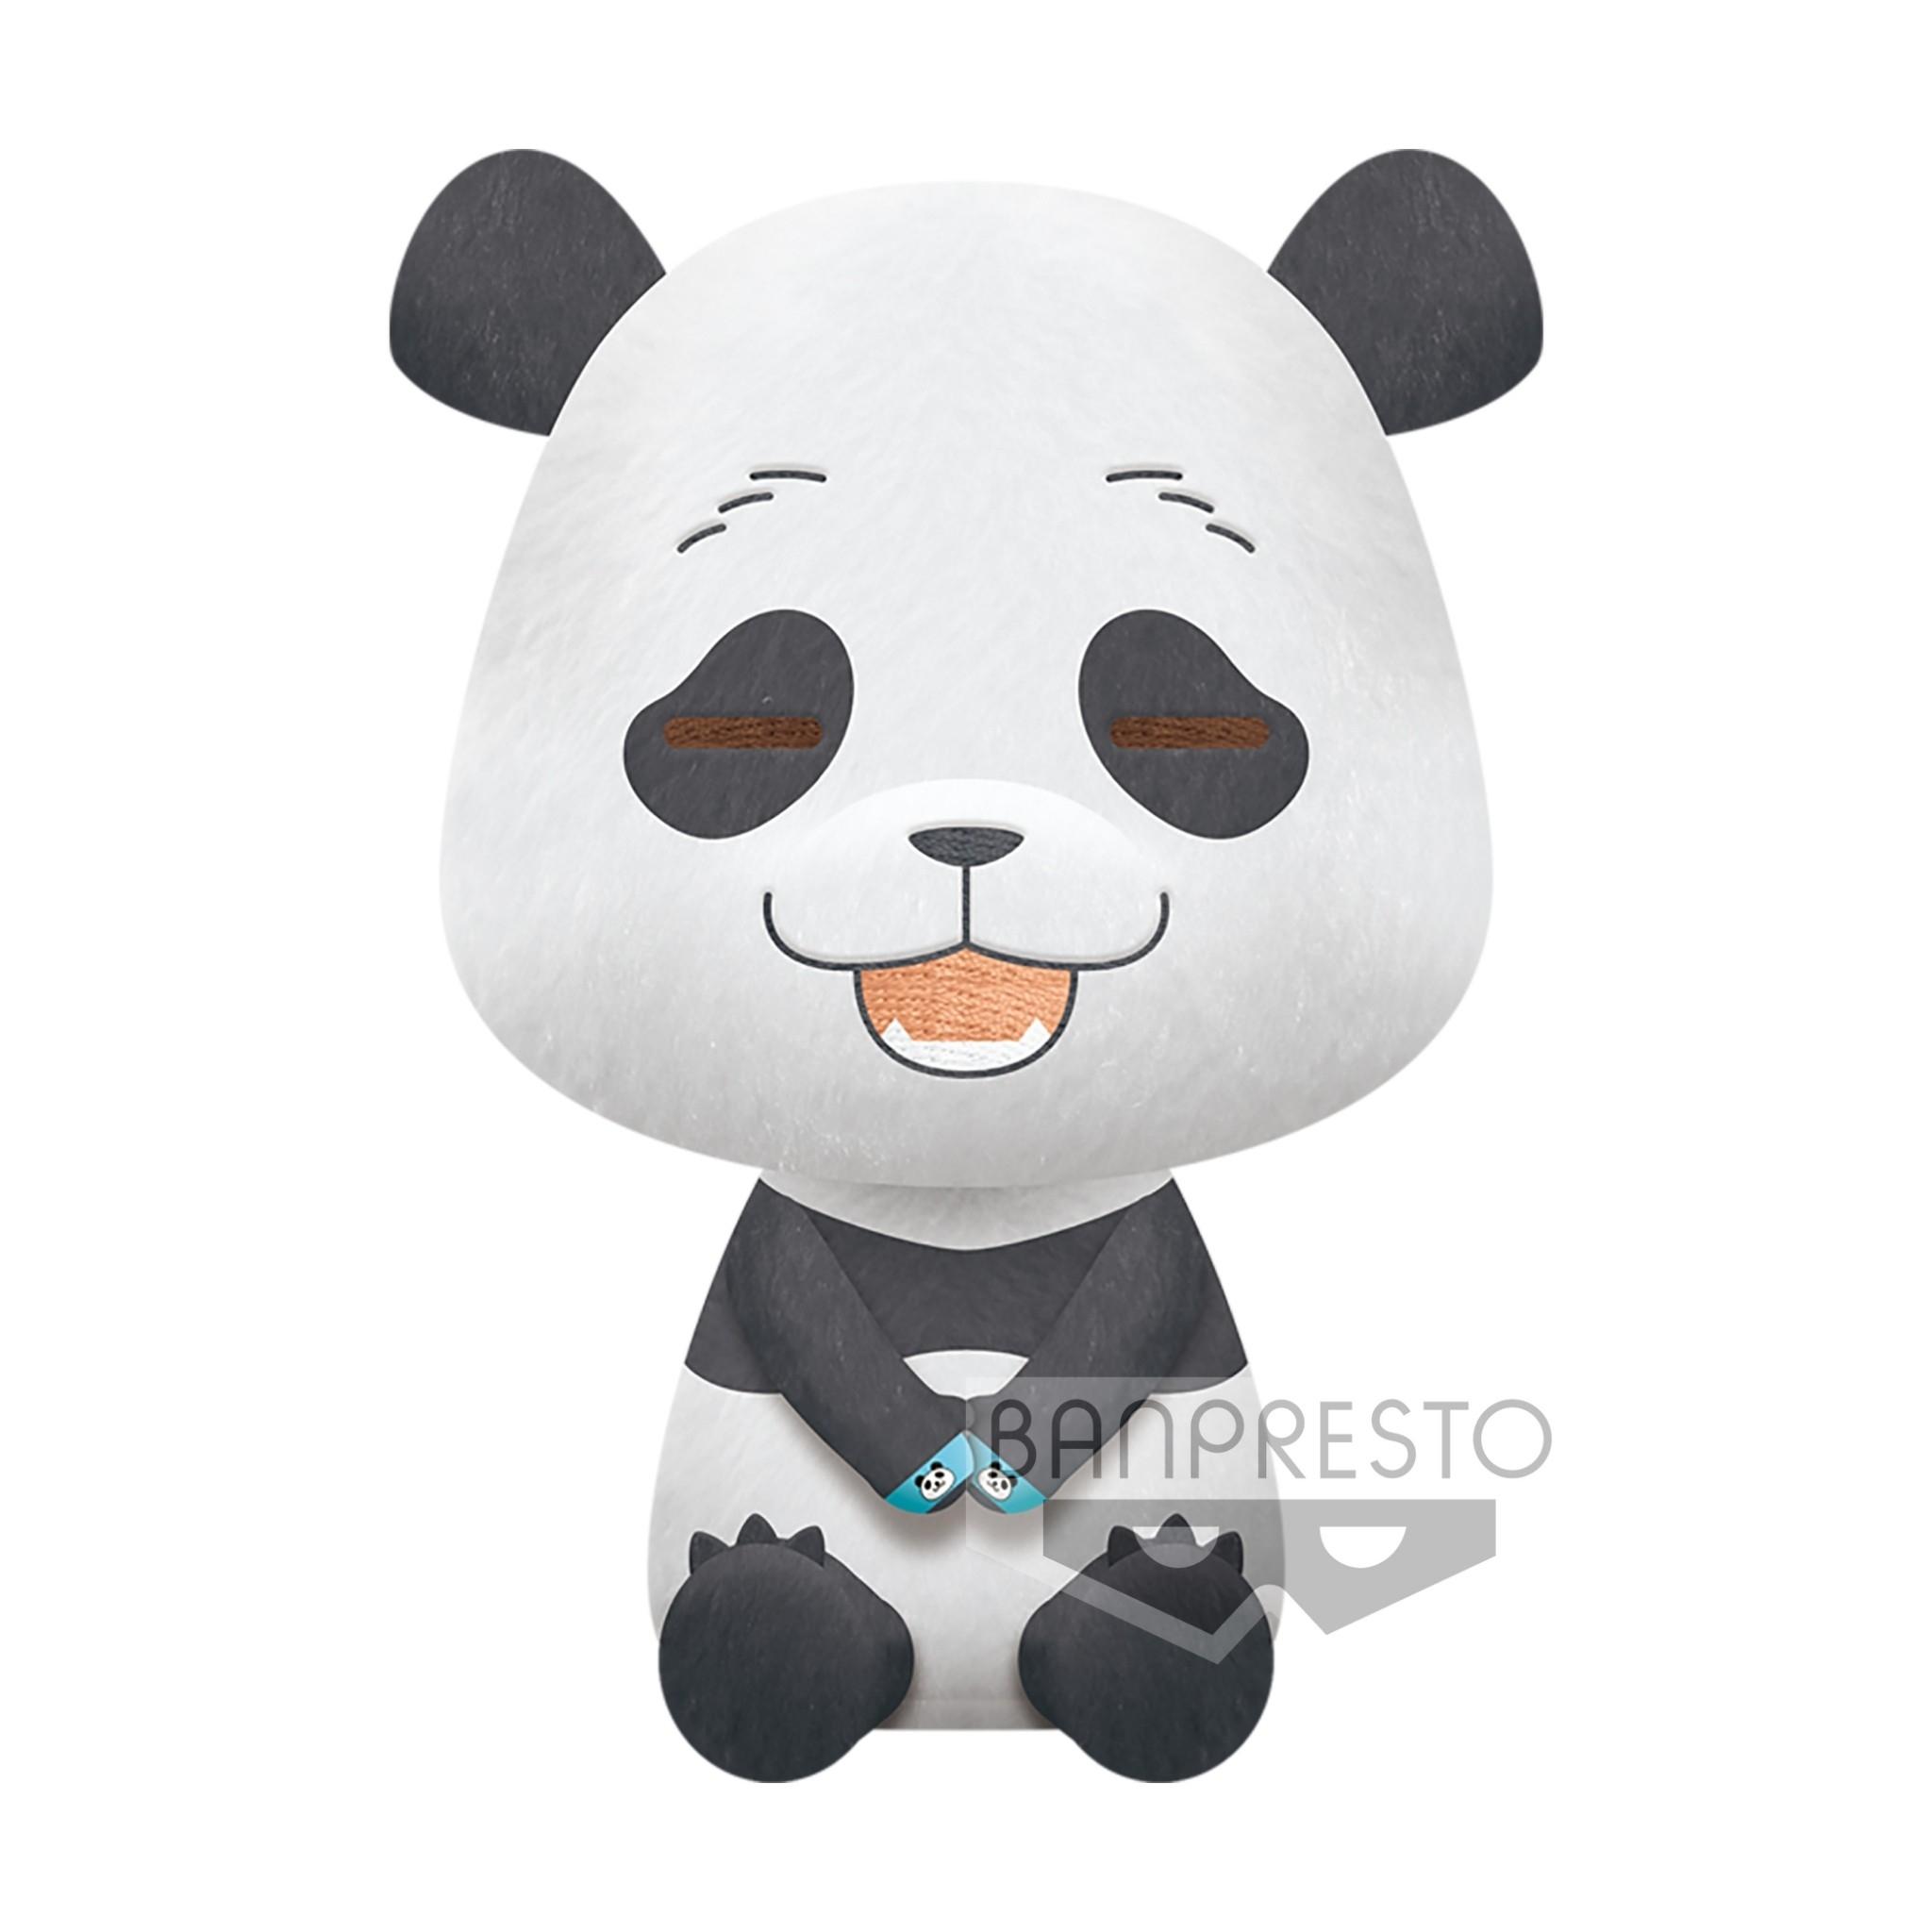 BANPRESTO|咒術迴戰 坐姿絨毛大玩偶 貓熊.七海建人 (A:貓熊)